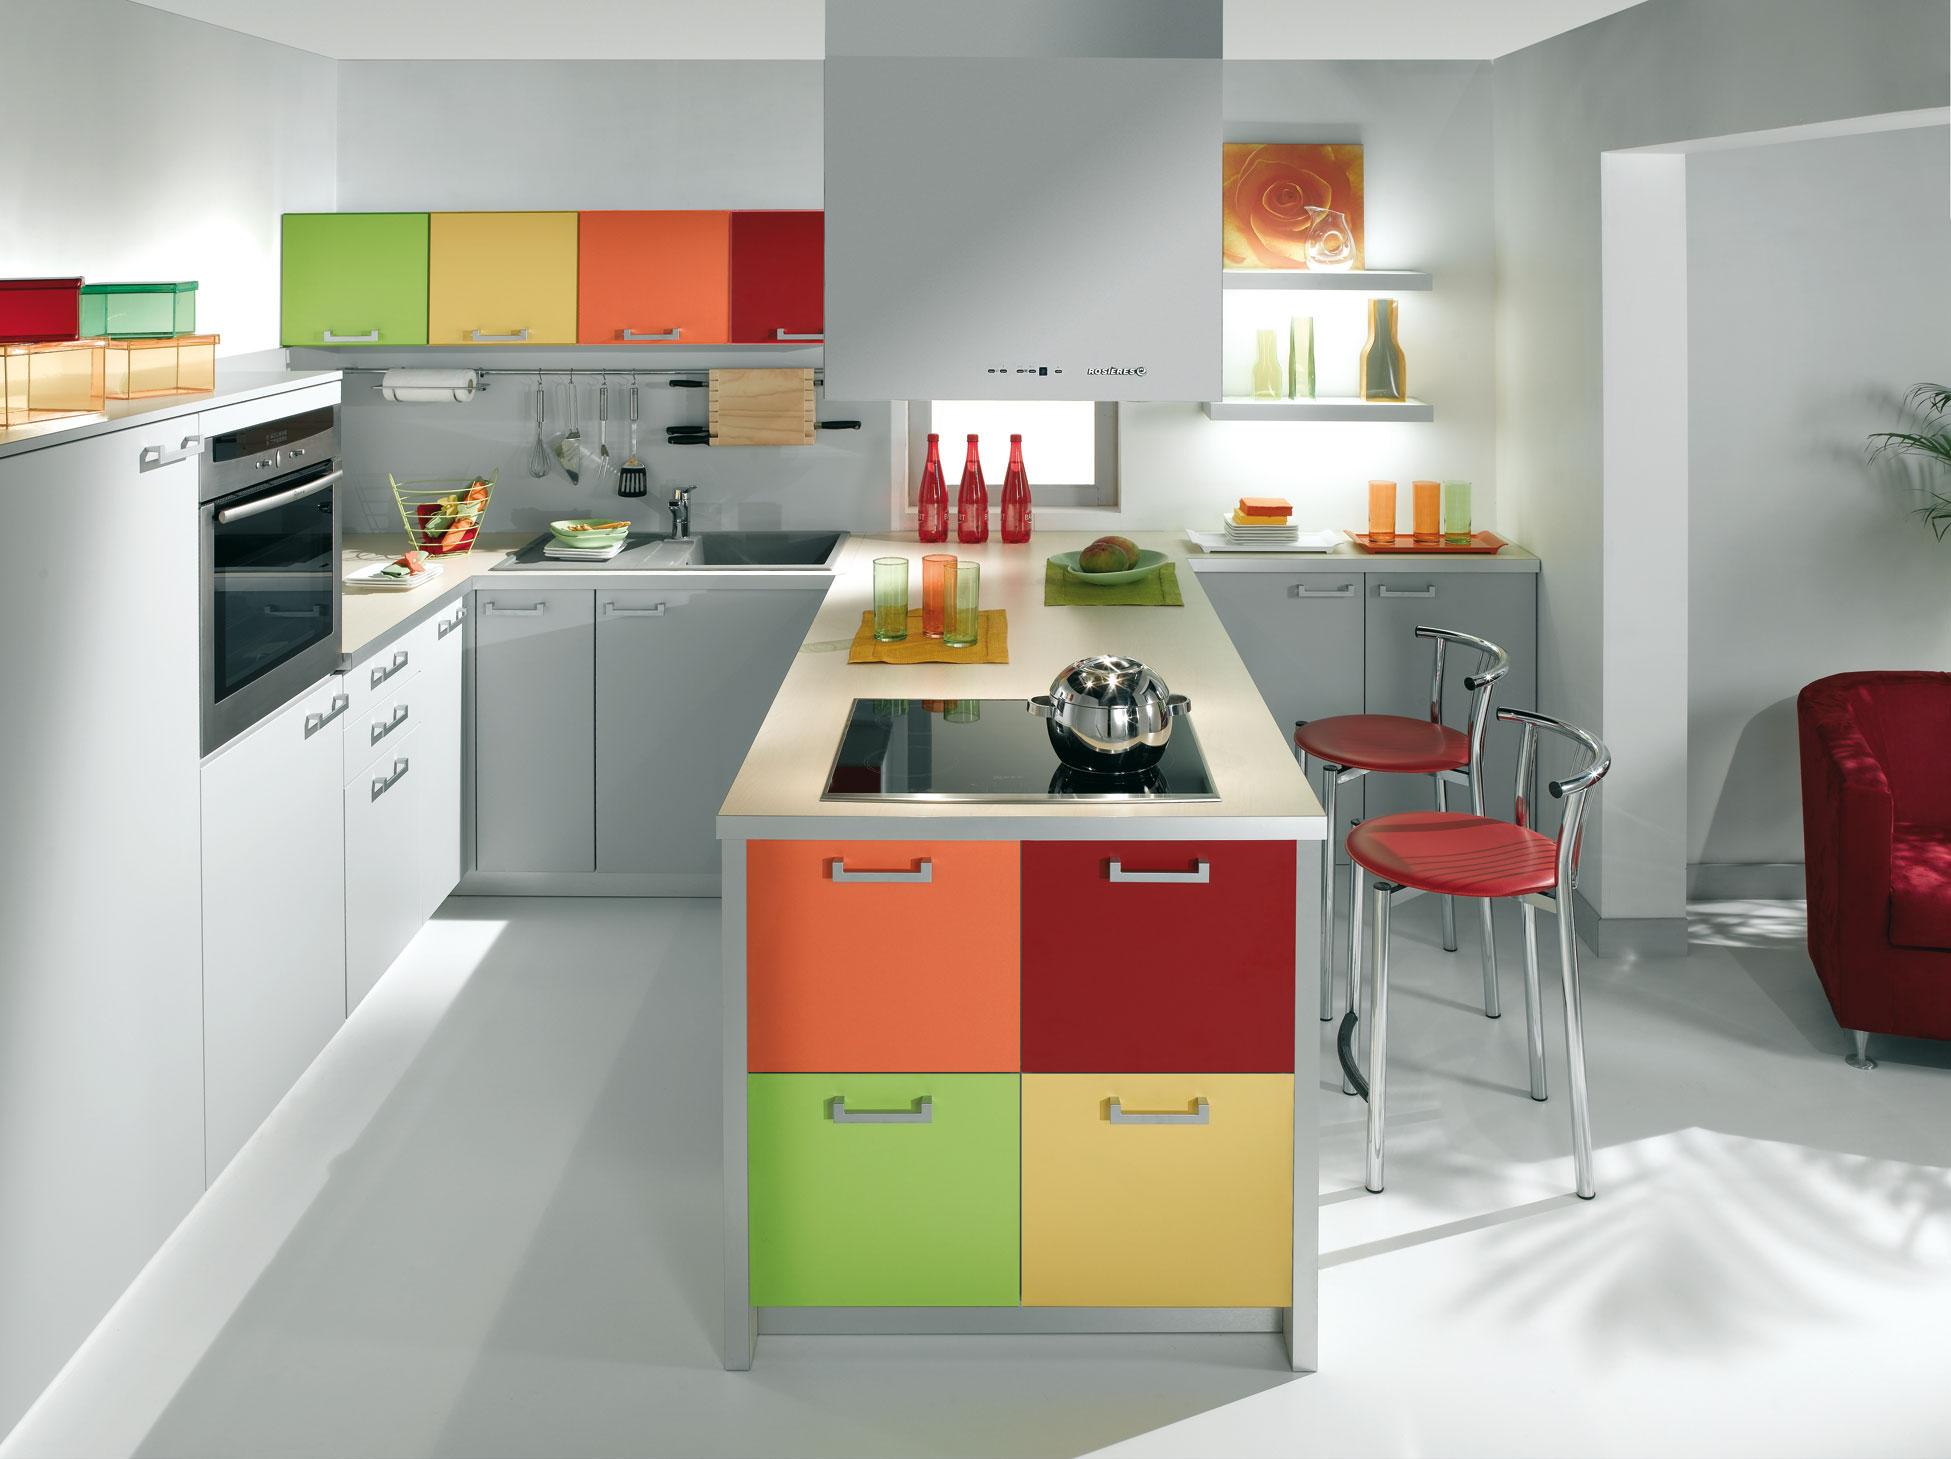 Osez les couleurs dans votre cuisine for Estudiar decoracion de interiores a distancia